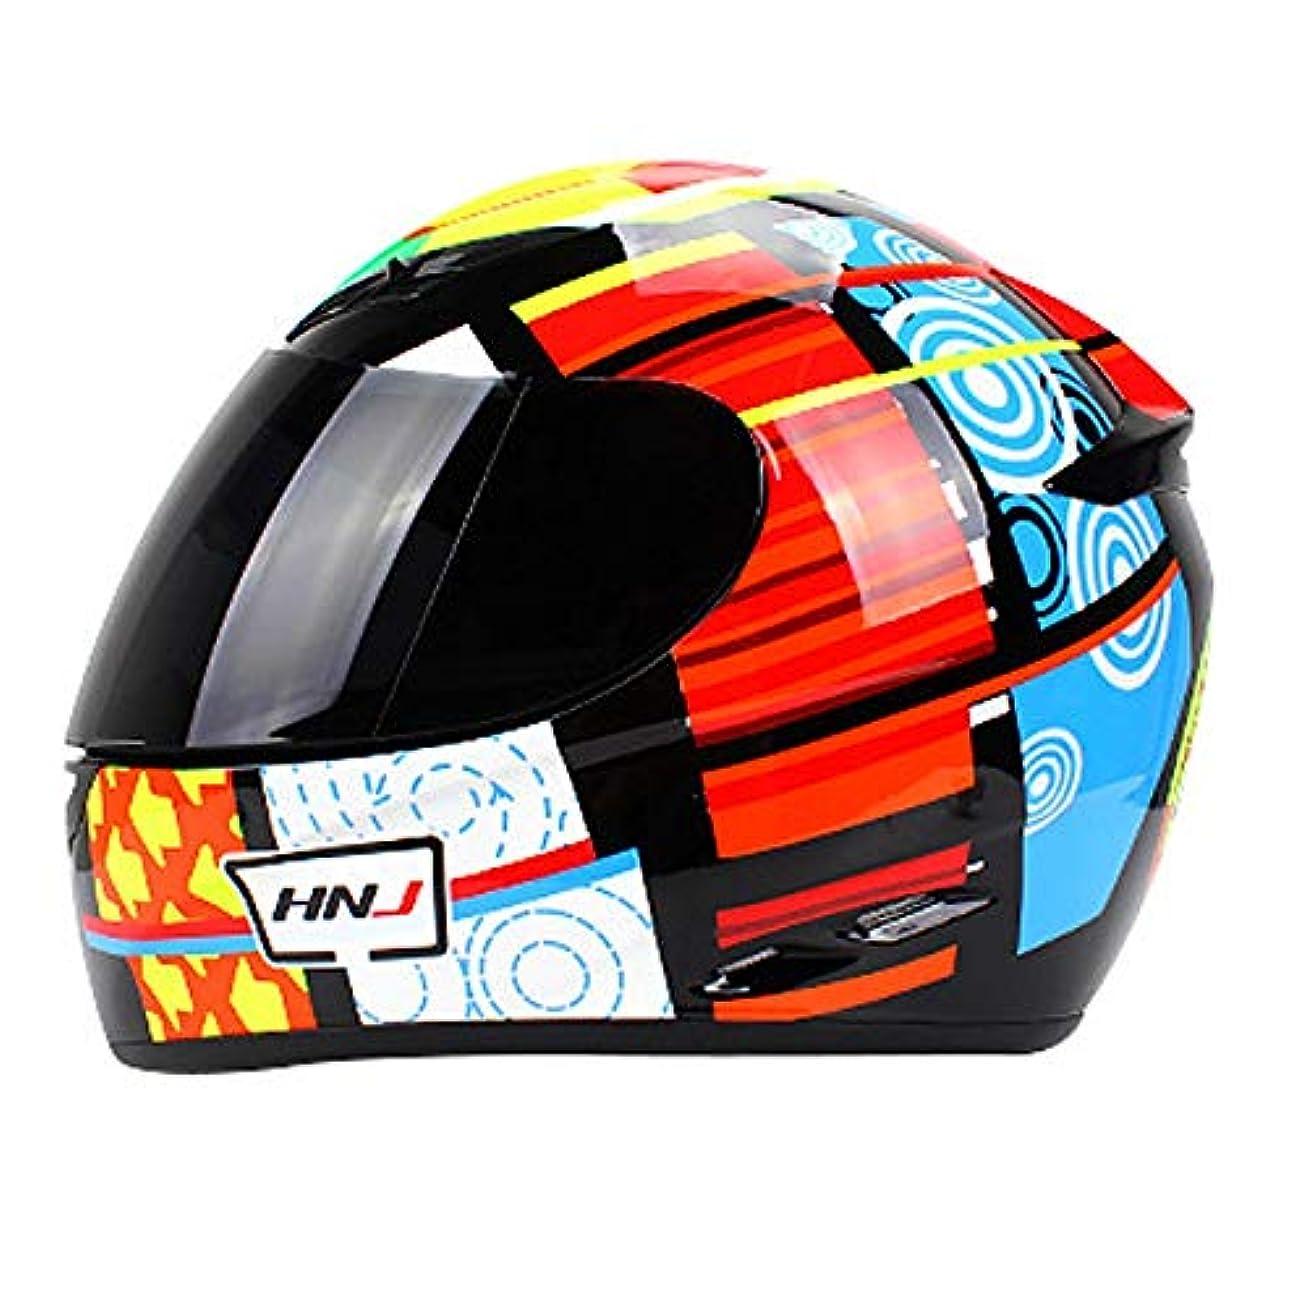 告白十代最少QRY ブライトブラックアダルトオートバイフルカバーヘルメット夏メンズ機関車オフロード車フルフェイスヘルメット通気性アウトドアスポーツヘルメットカラー要素 幸せな生活 (Size : L)